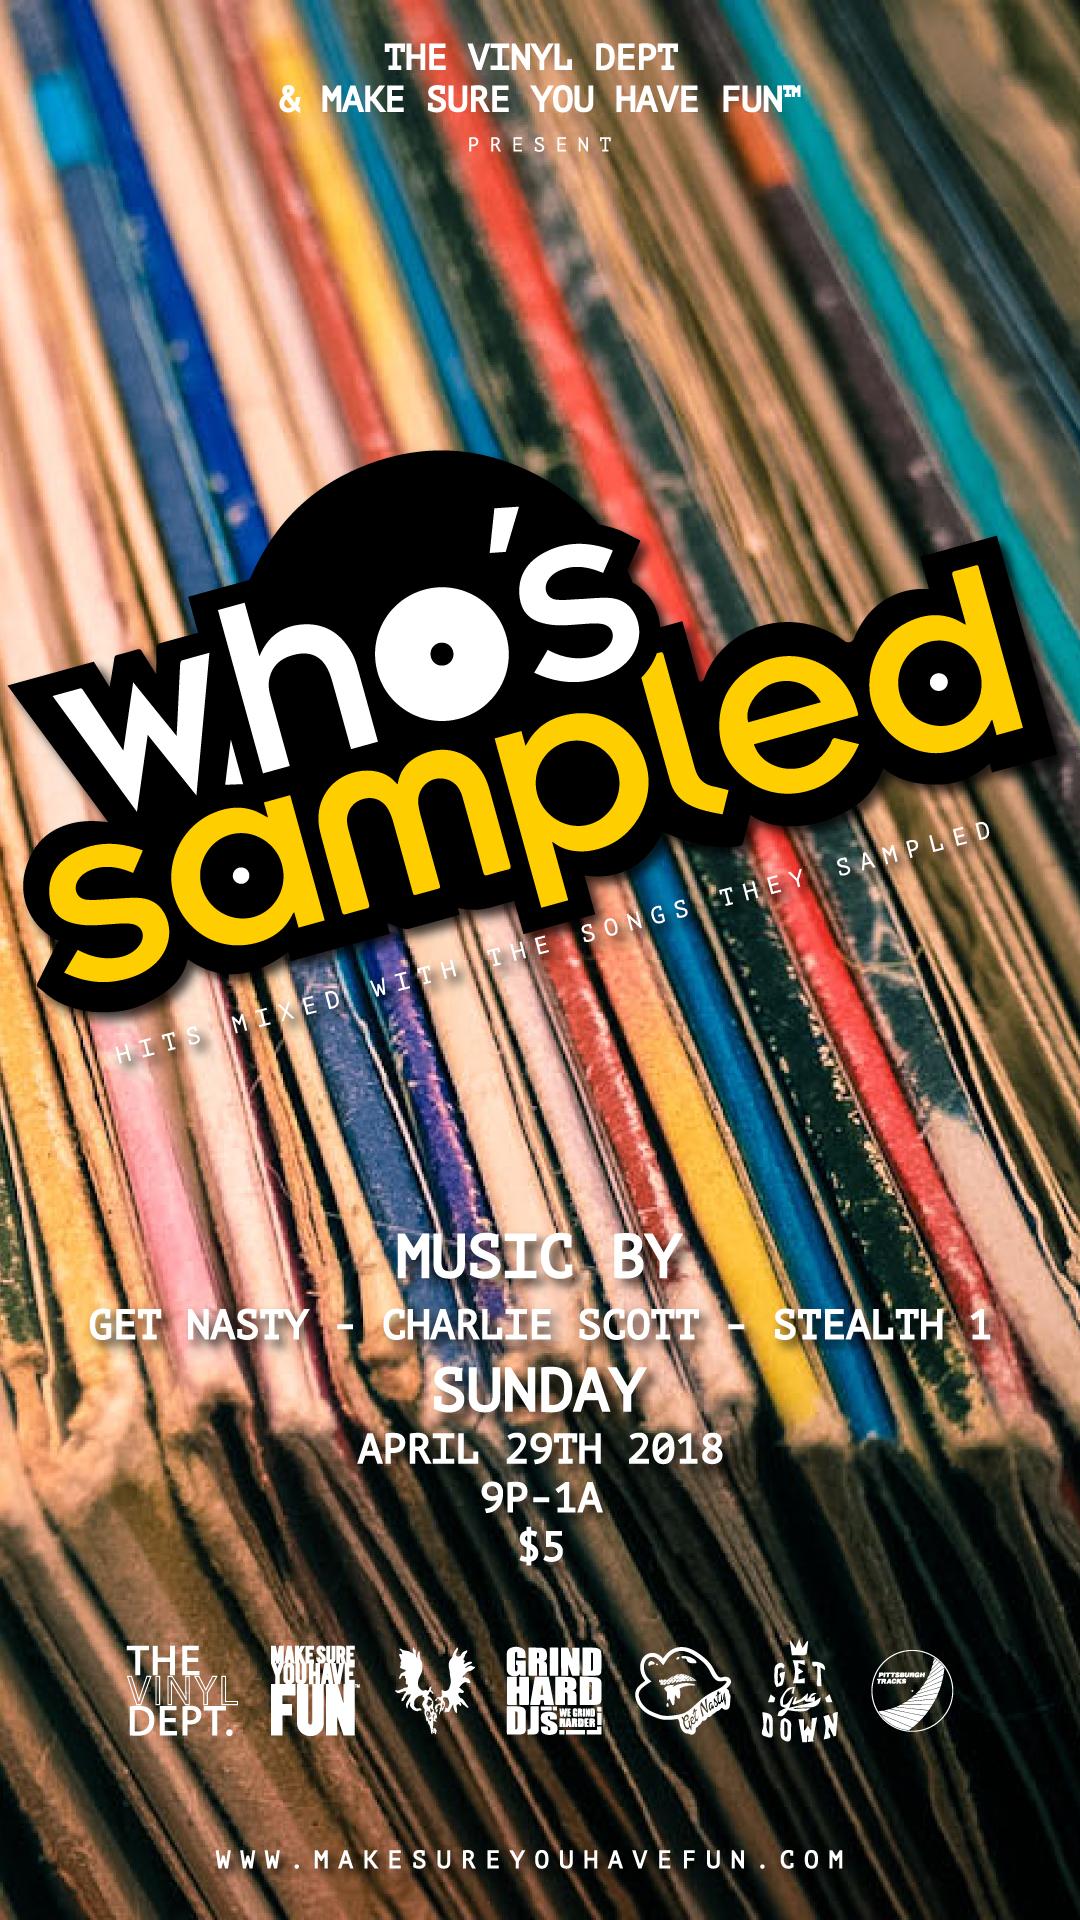 Whos-Sampled-April-2018-IG-Story-Flyer.jpg